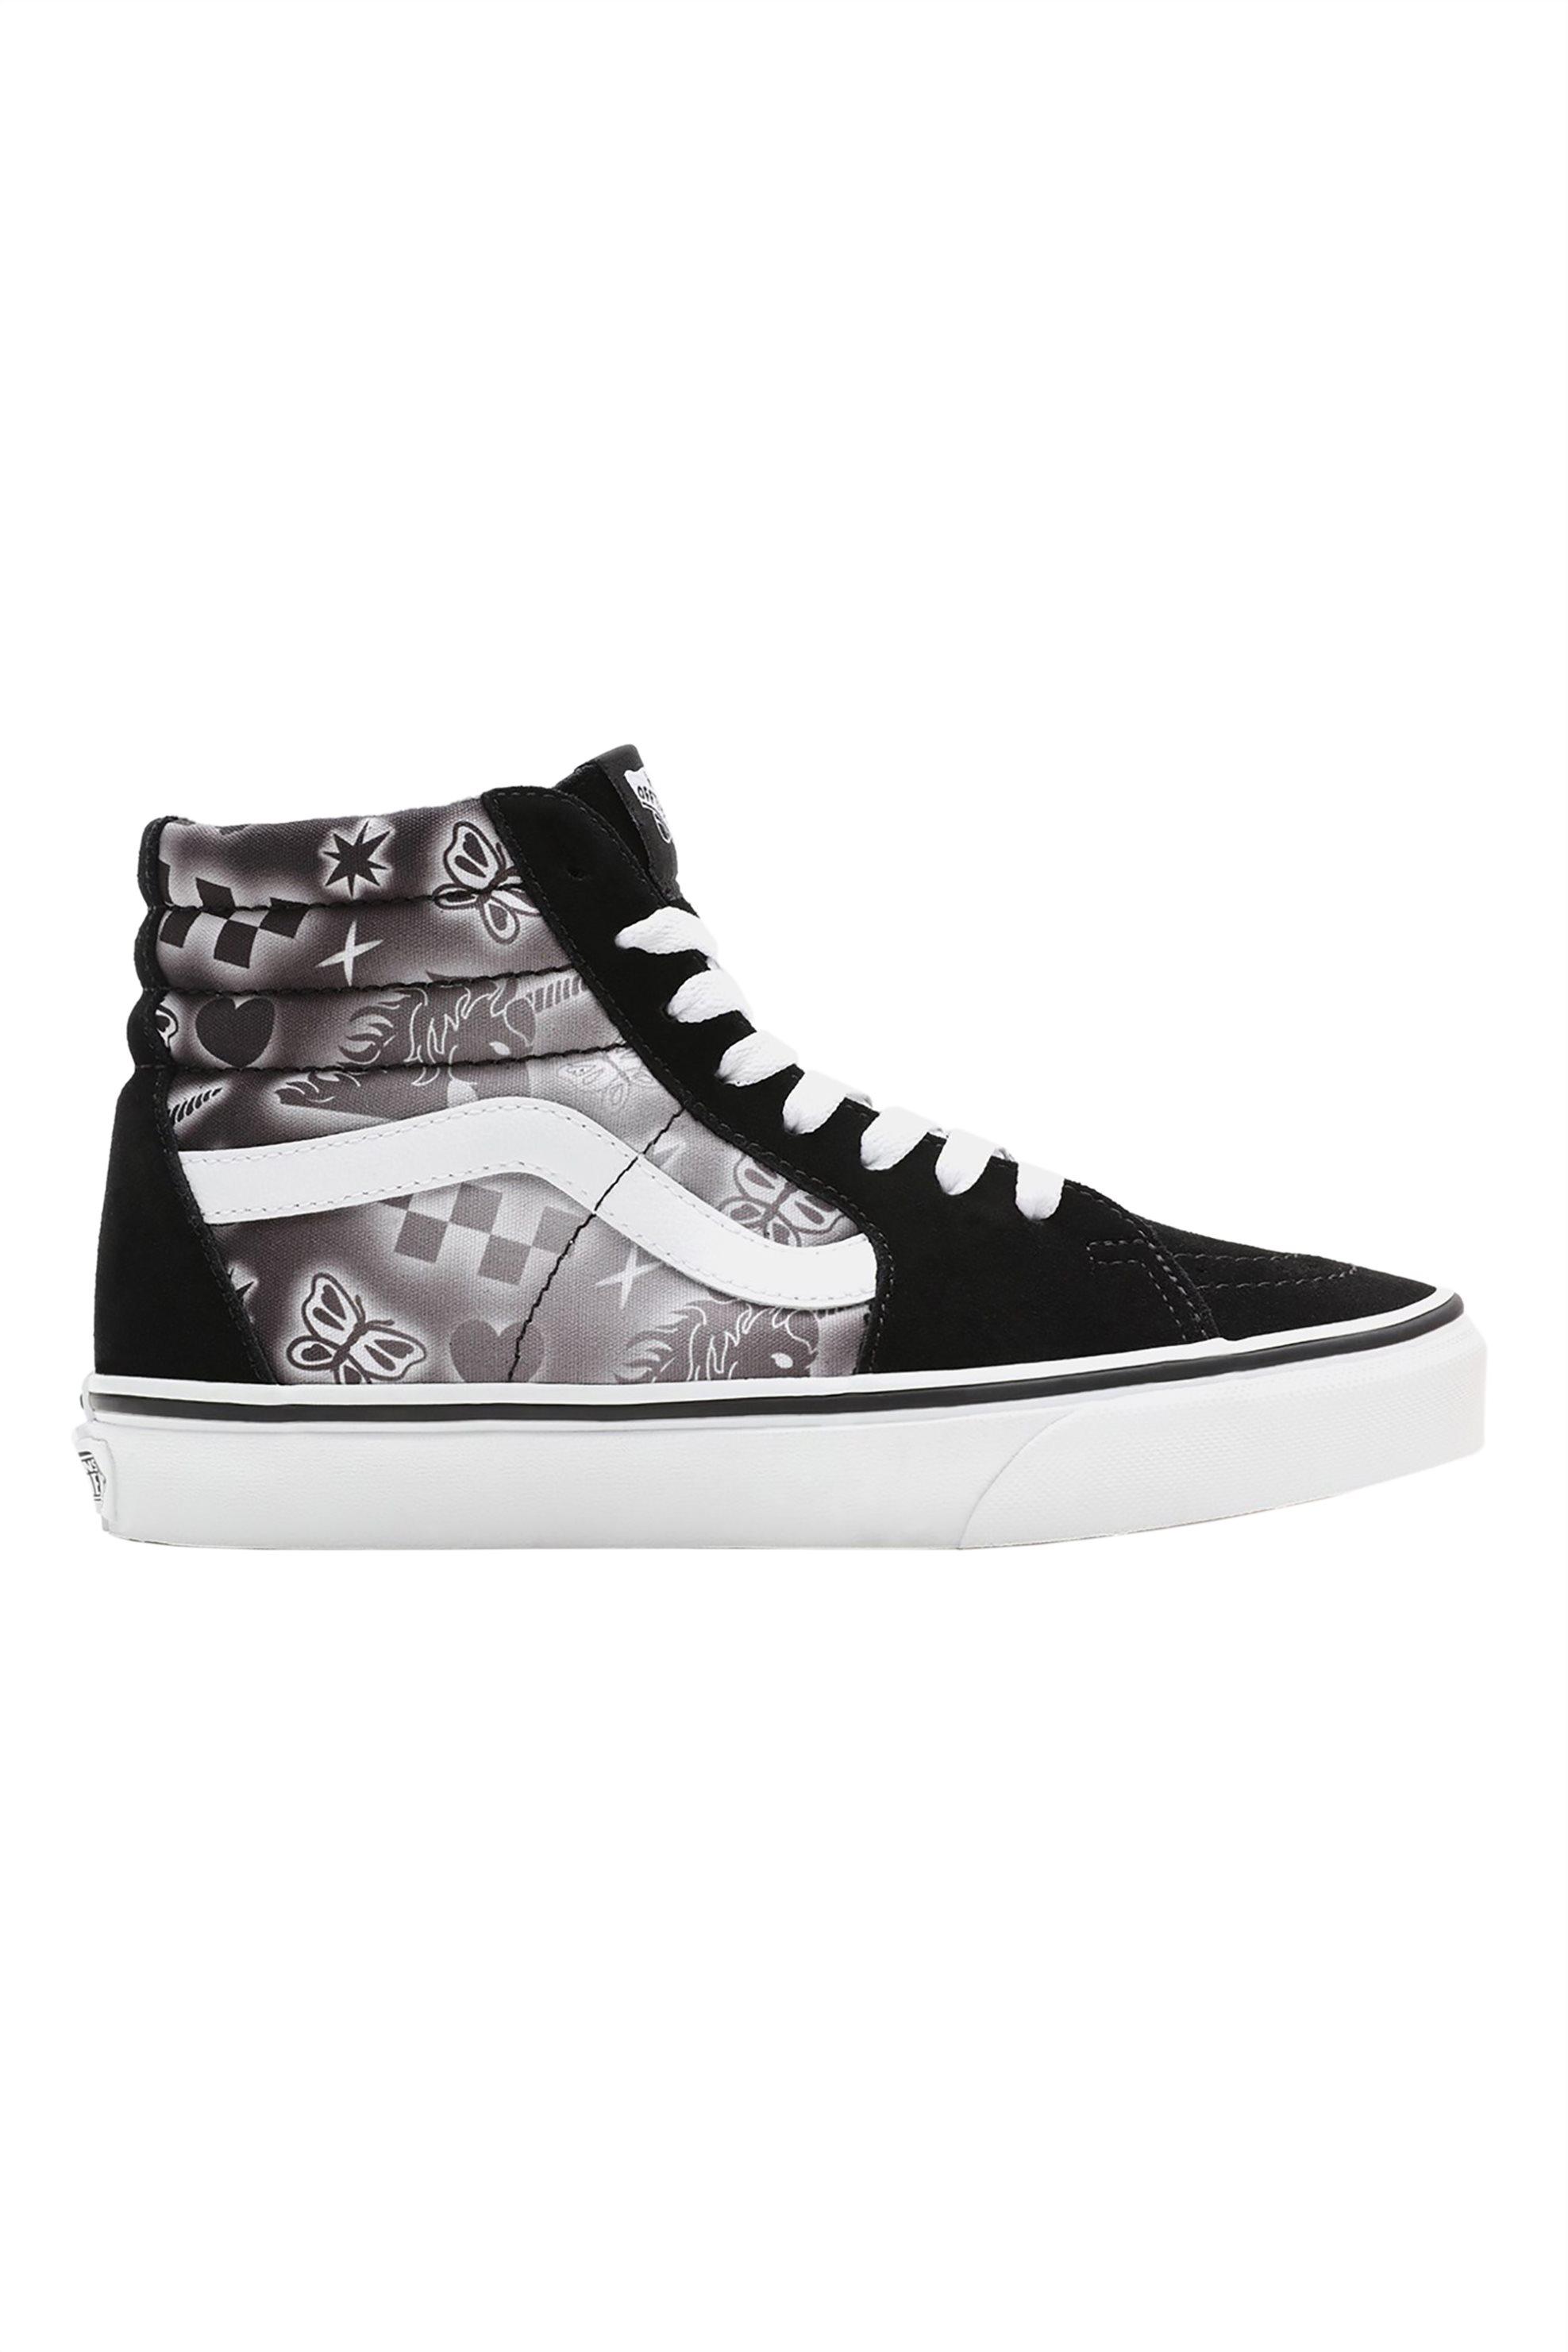 Vans γυναικεία sneakers με print ''Sk8-Hi